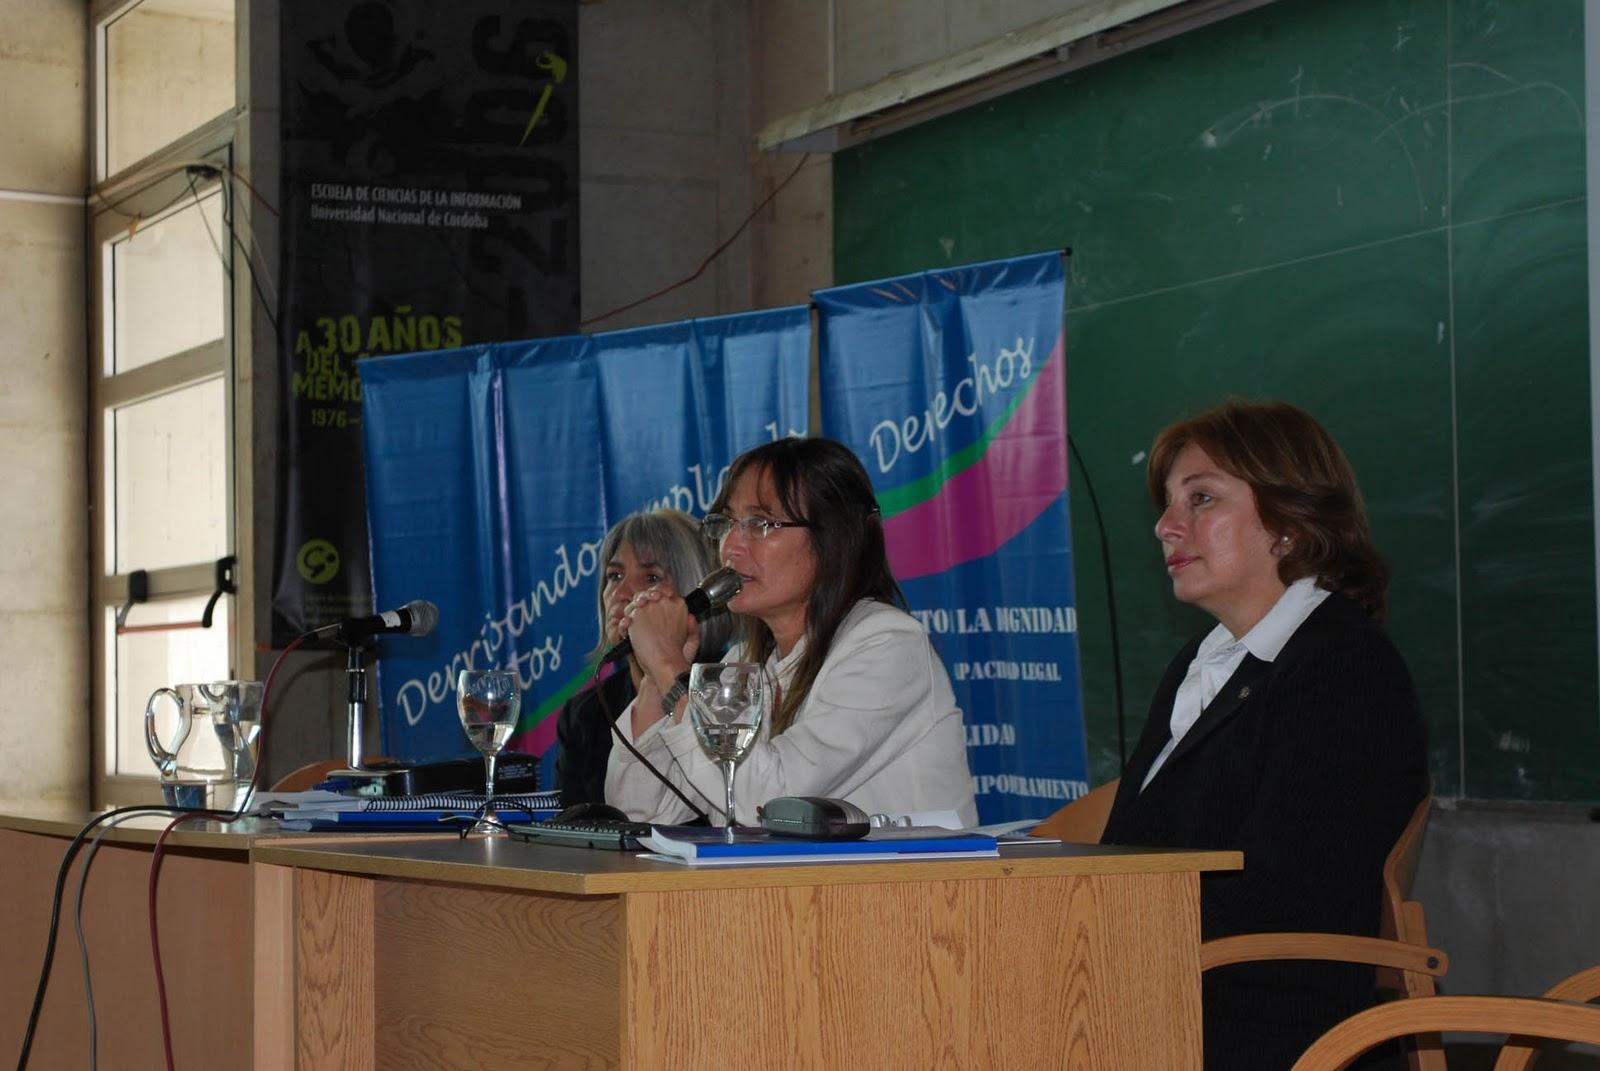 Pamela sanchez y un espontaneo del publico - 3 part 10